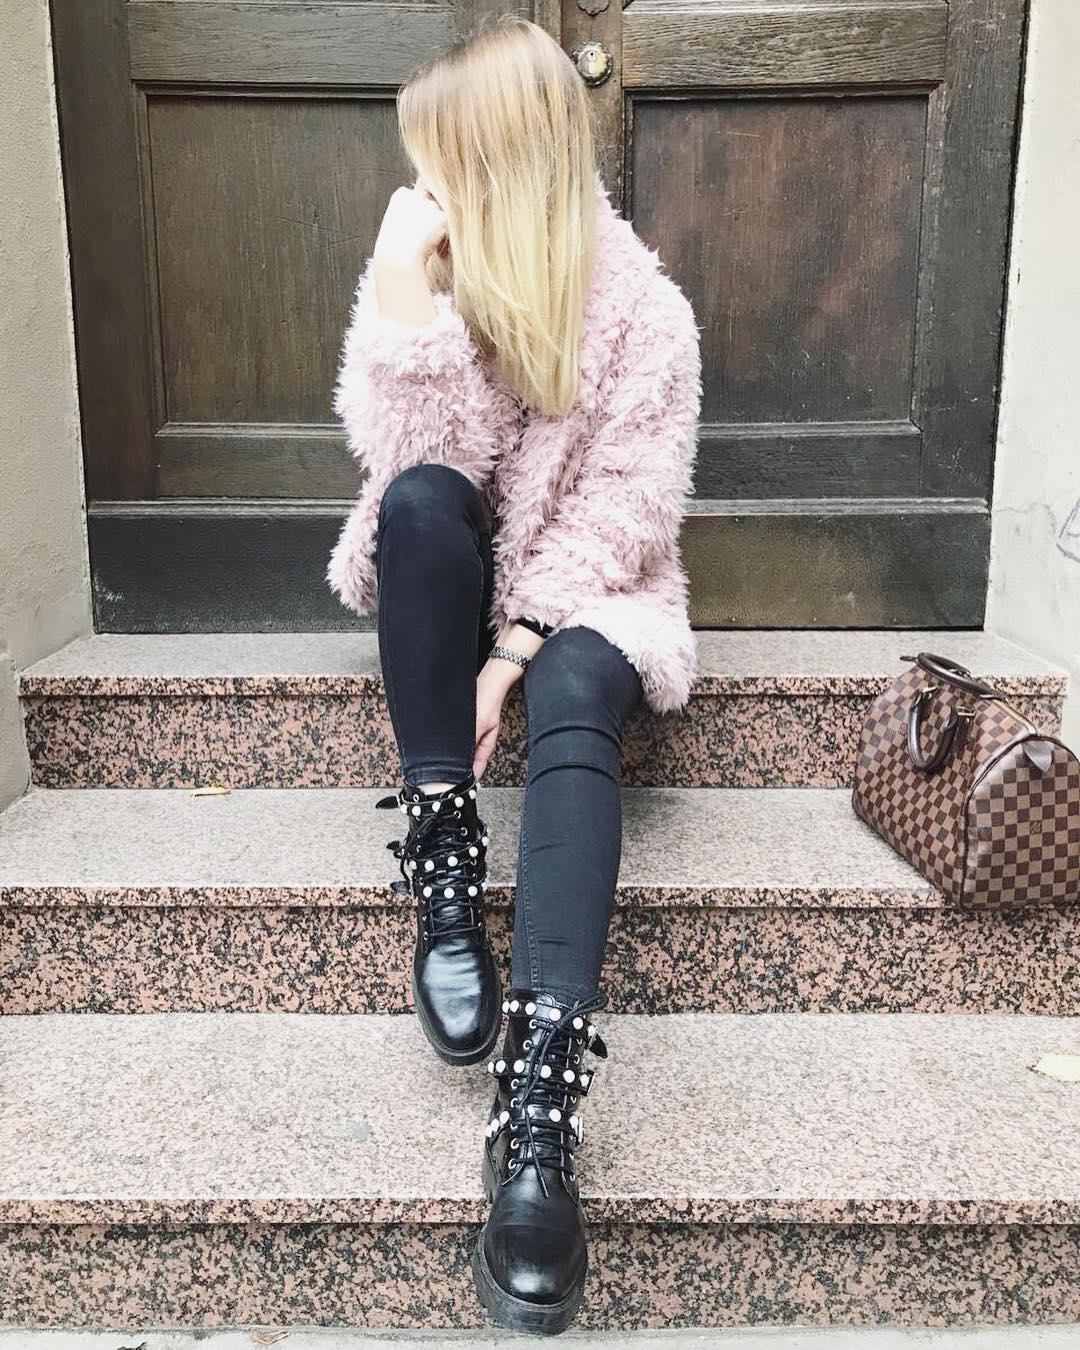 Đôi boots vừa bụi vừa sang chảnh công chúa này đang là món đồ hot nhất của Zara, tưởng chừng cả Instagram đều đang diện nó - Ảnh 16.